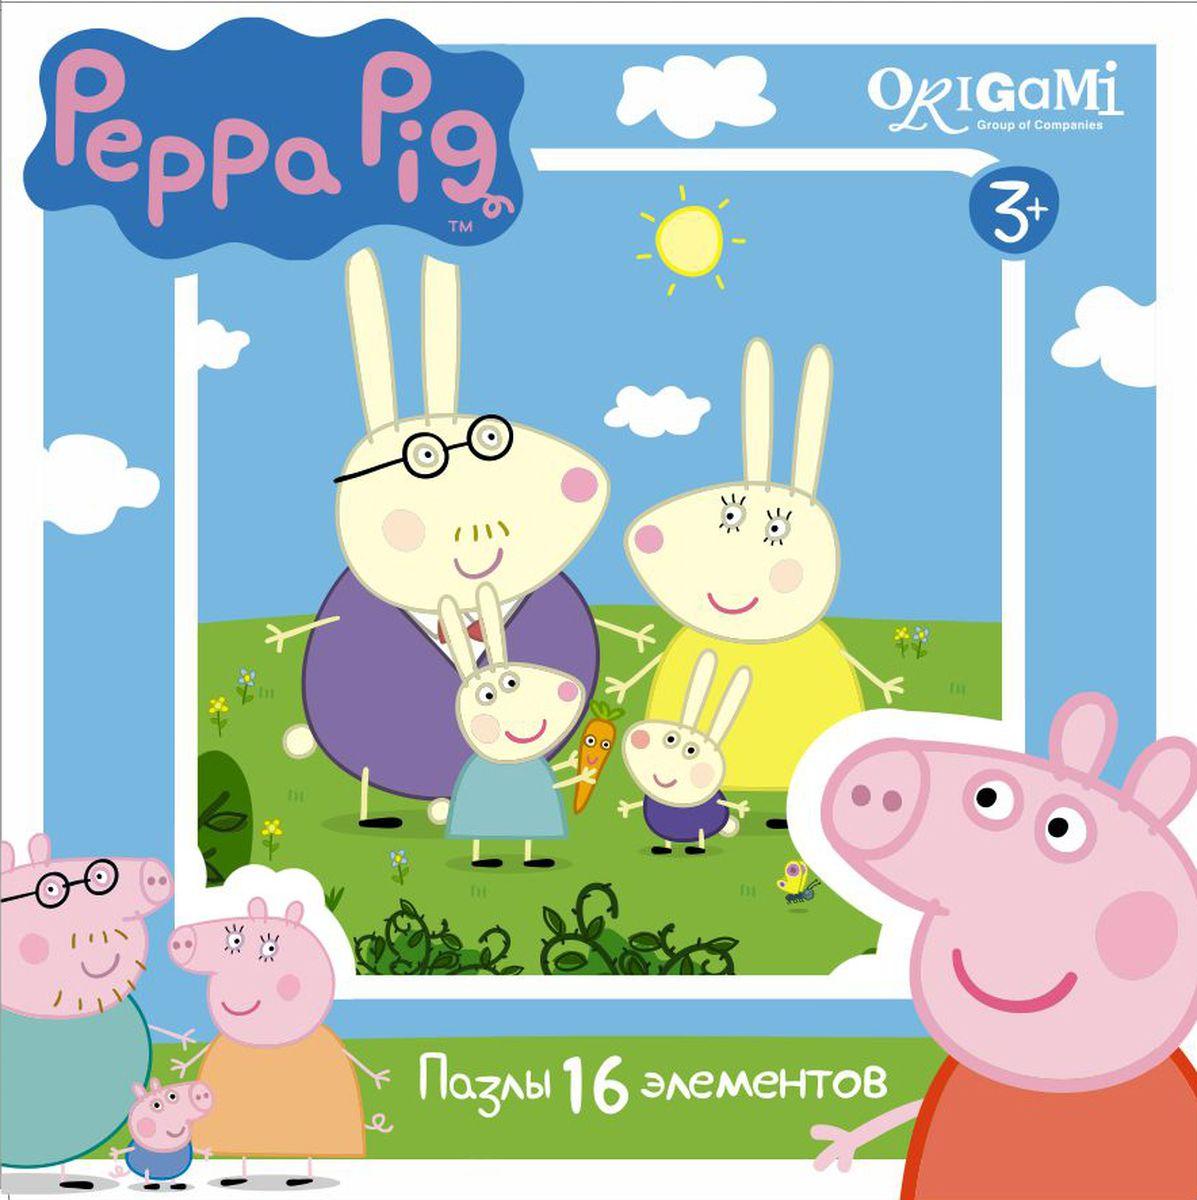 Оригами Пазл Peppa Pig 16A 0157701577Пазл Peppa Pig на 16 деталей. Пазл за пазлом ребёнок будет узнавать о весёлых приключениях Свинки Пеппы. Составление пазла станет развивающим досугом для малыша, т.к. тренирует пространственное мышление, моторику рук, а так же подарит хорошее настроение.